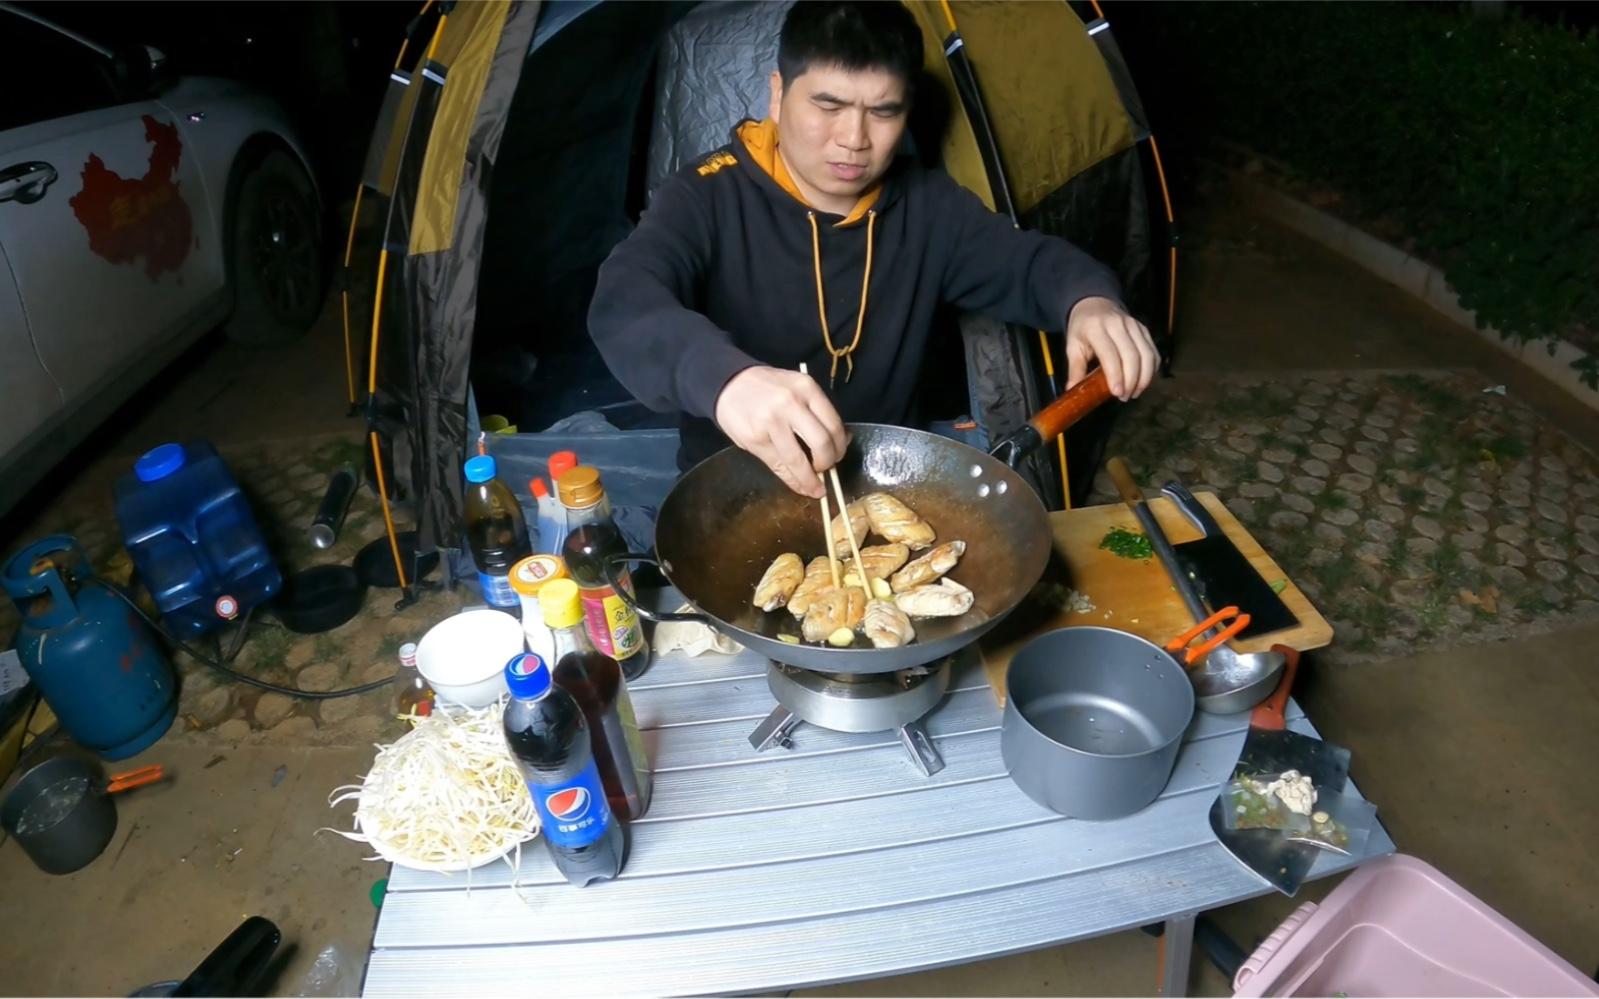 自驾旅行, 终于到达云南了, 晚上我们吃大餐, 真的太好吃了